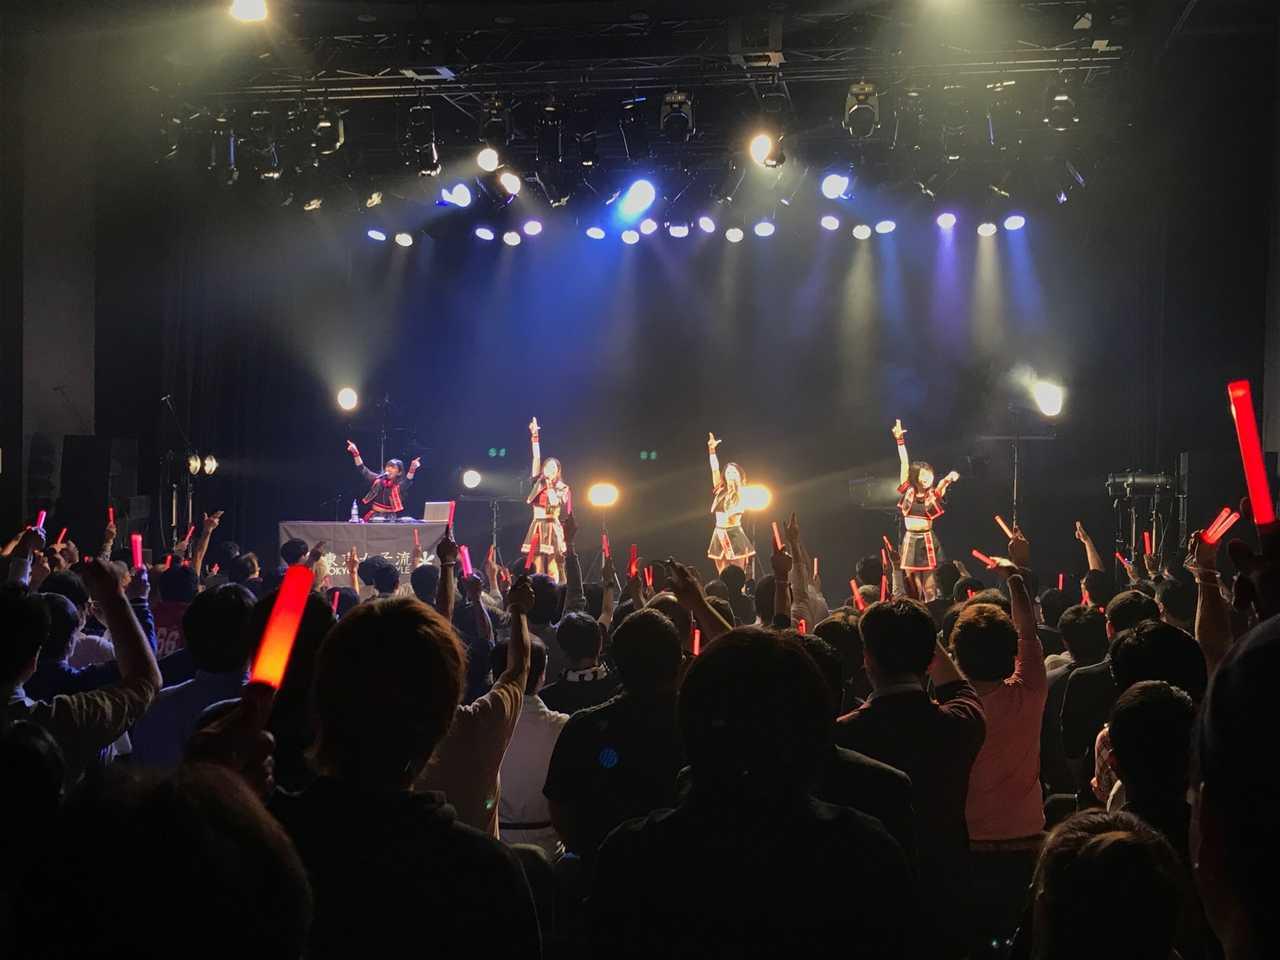 東京女子流、1回のライブで16回フルコーラス!世界記録に挑戦!?